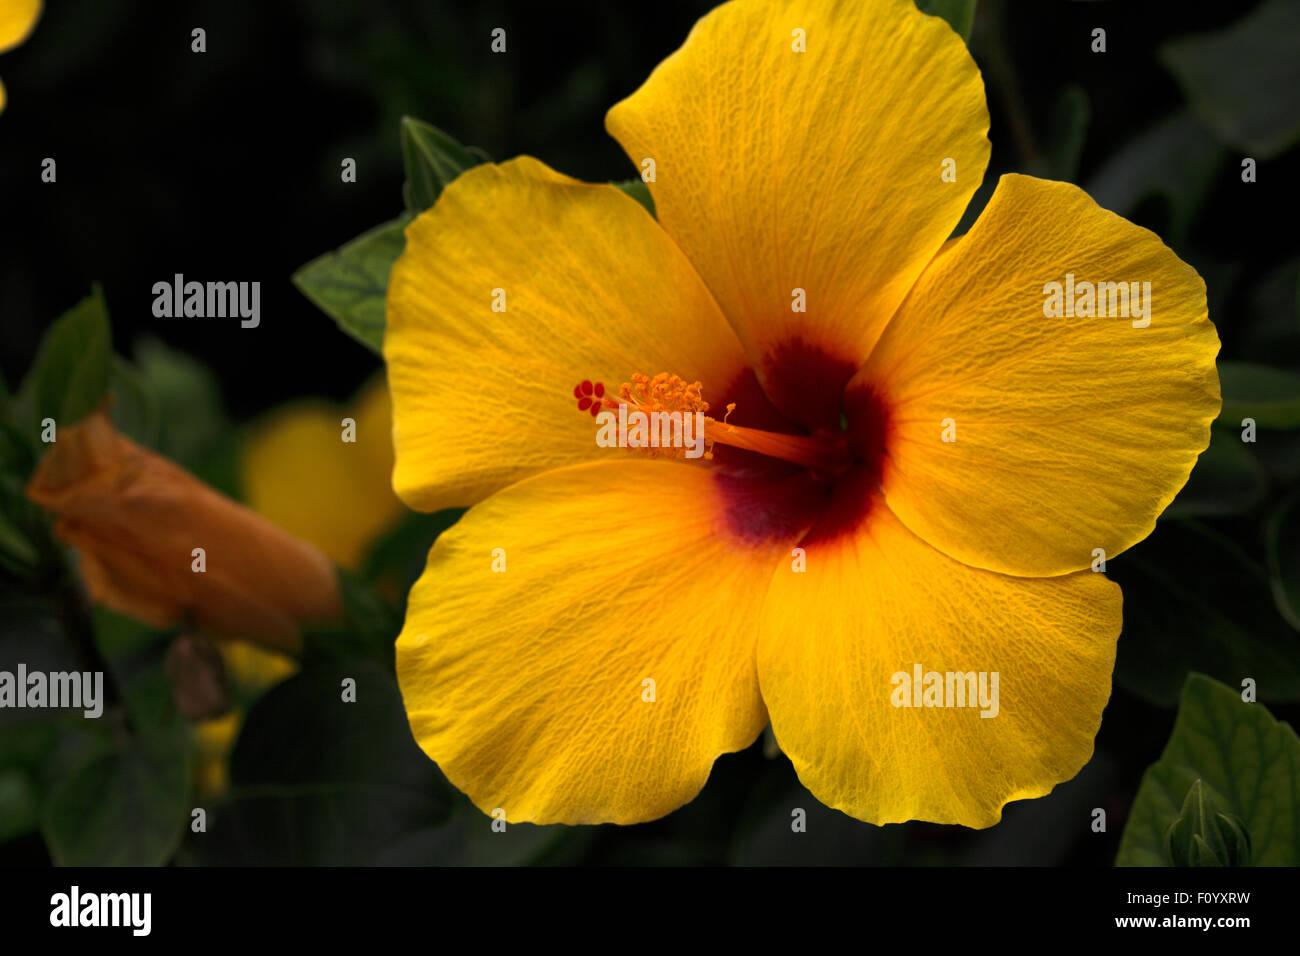 Yellow hibiscus state flower of hawaii stock photo 86665597 alamy yellow hibiscus state flower of hawaii izmirmasajfo